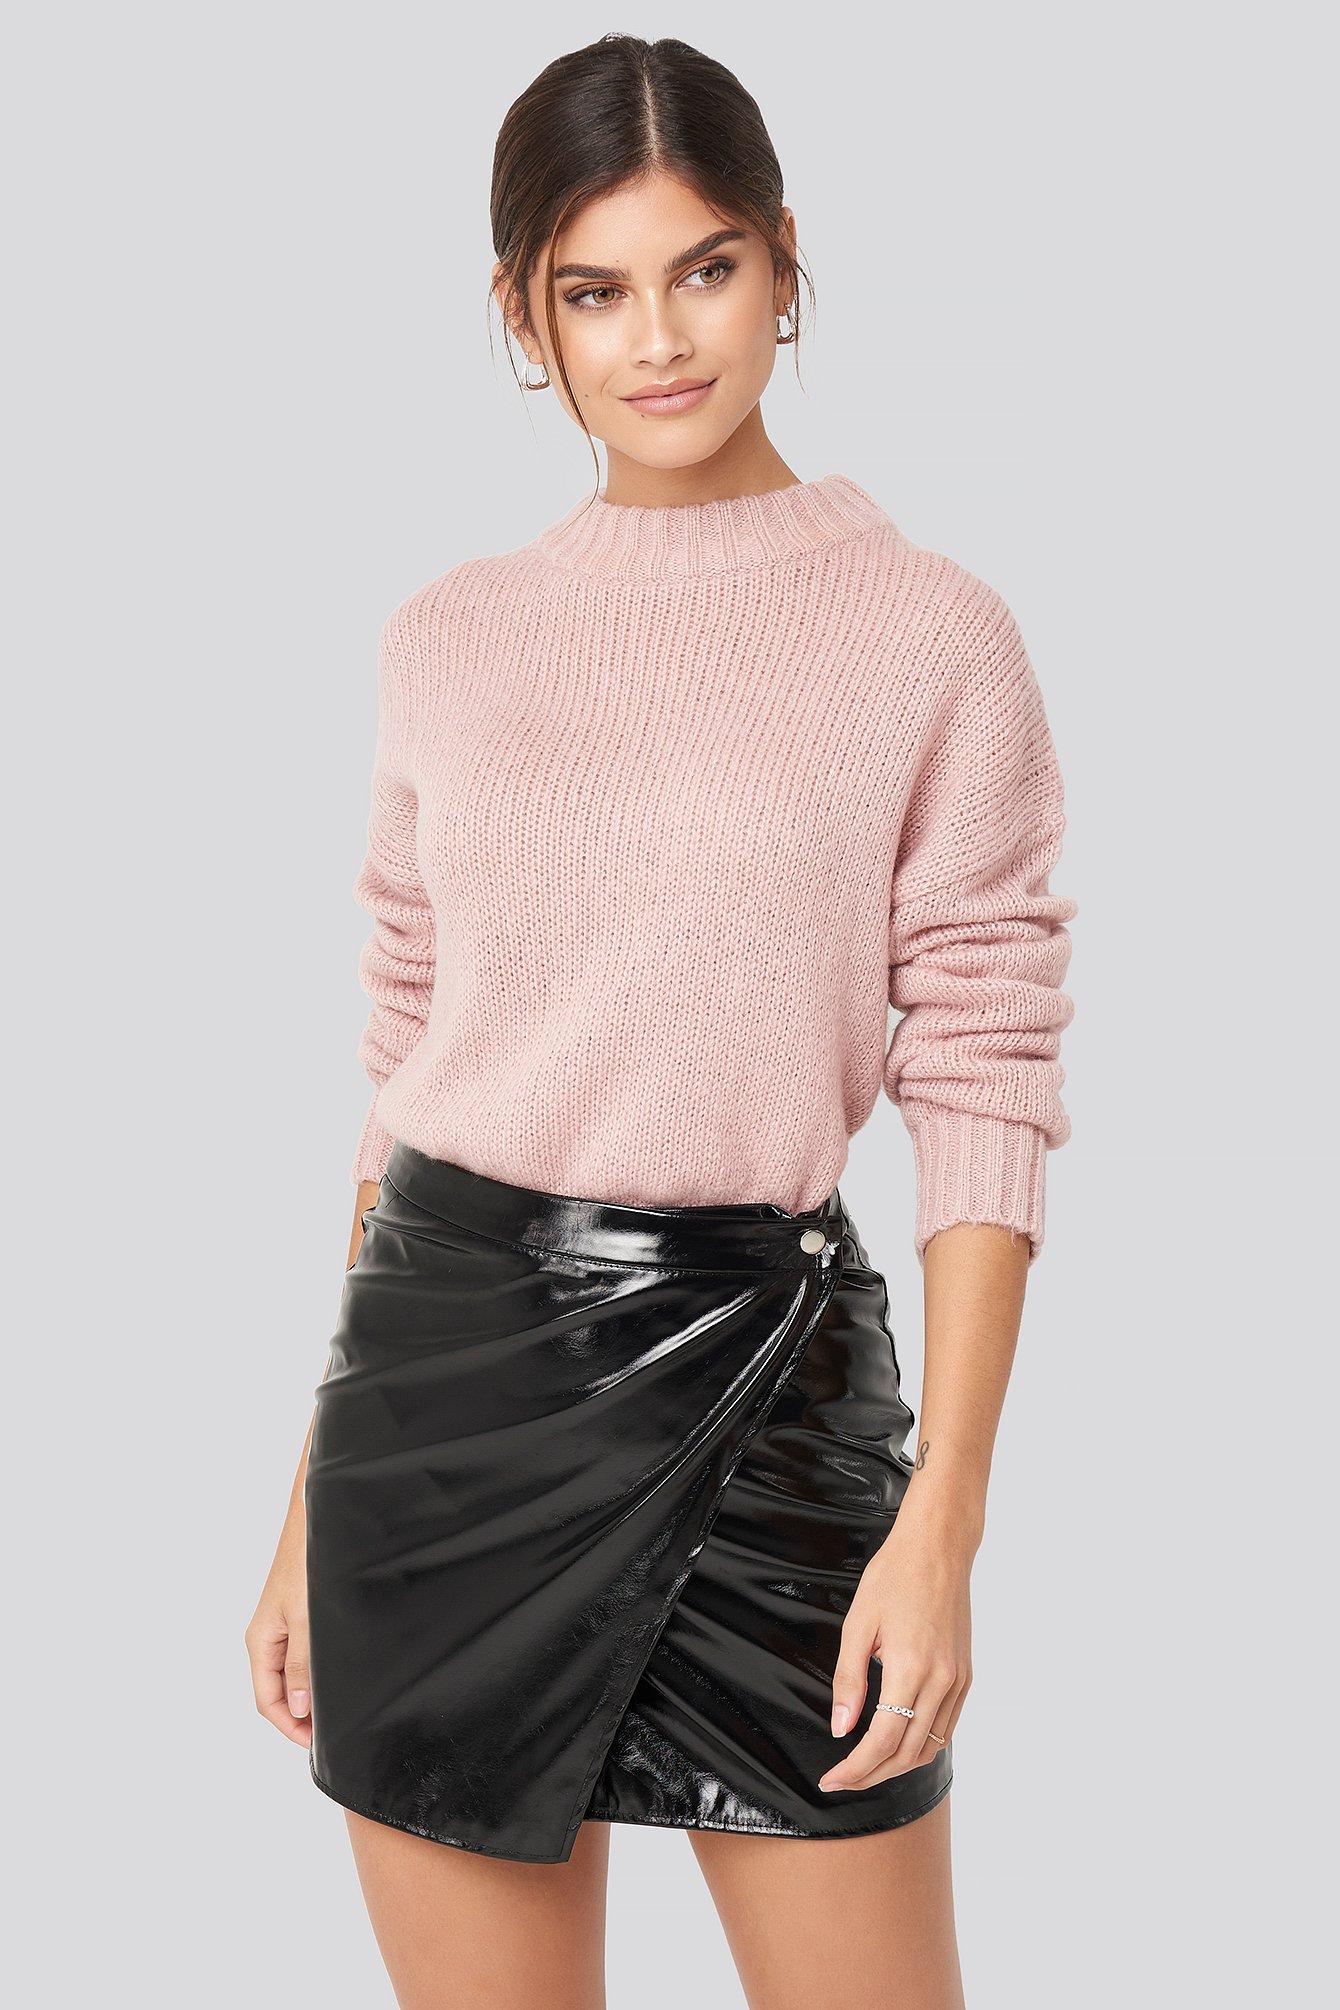 adorable caro x na-kd -  Patent Overlap Mini Skirt - Black